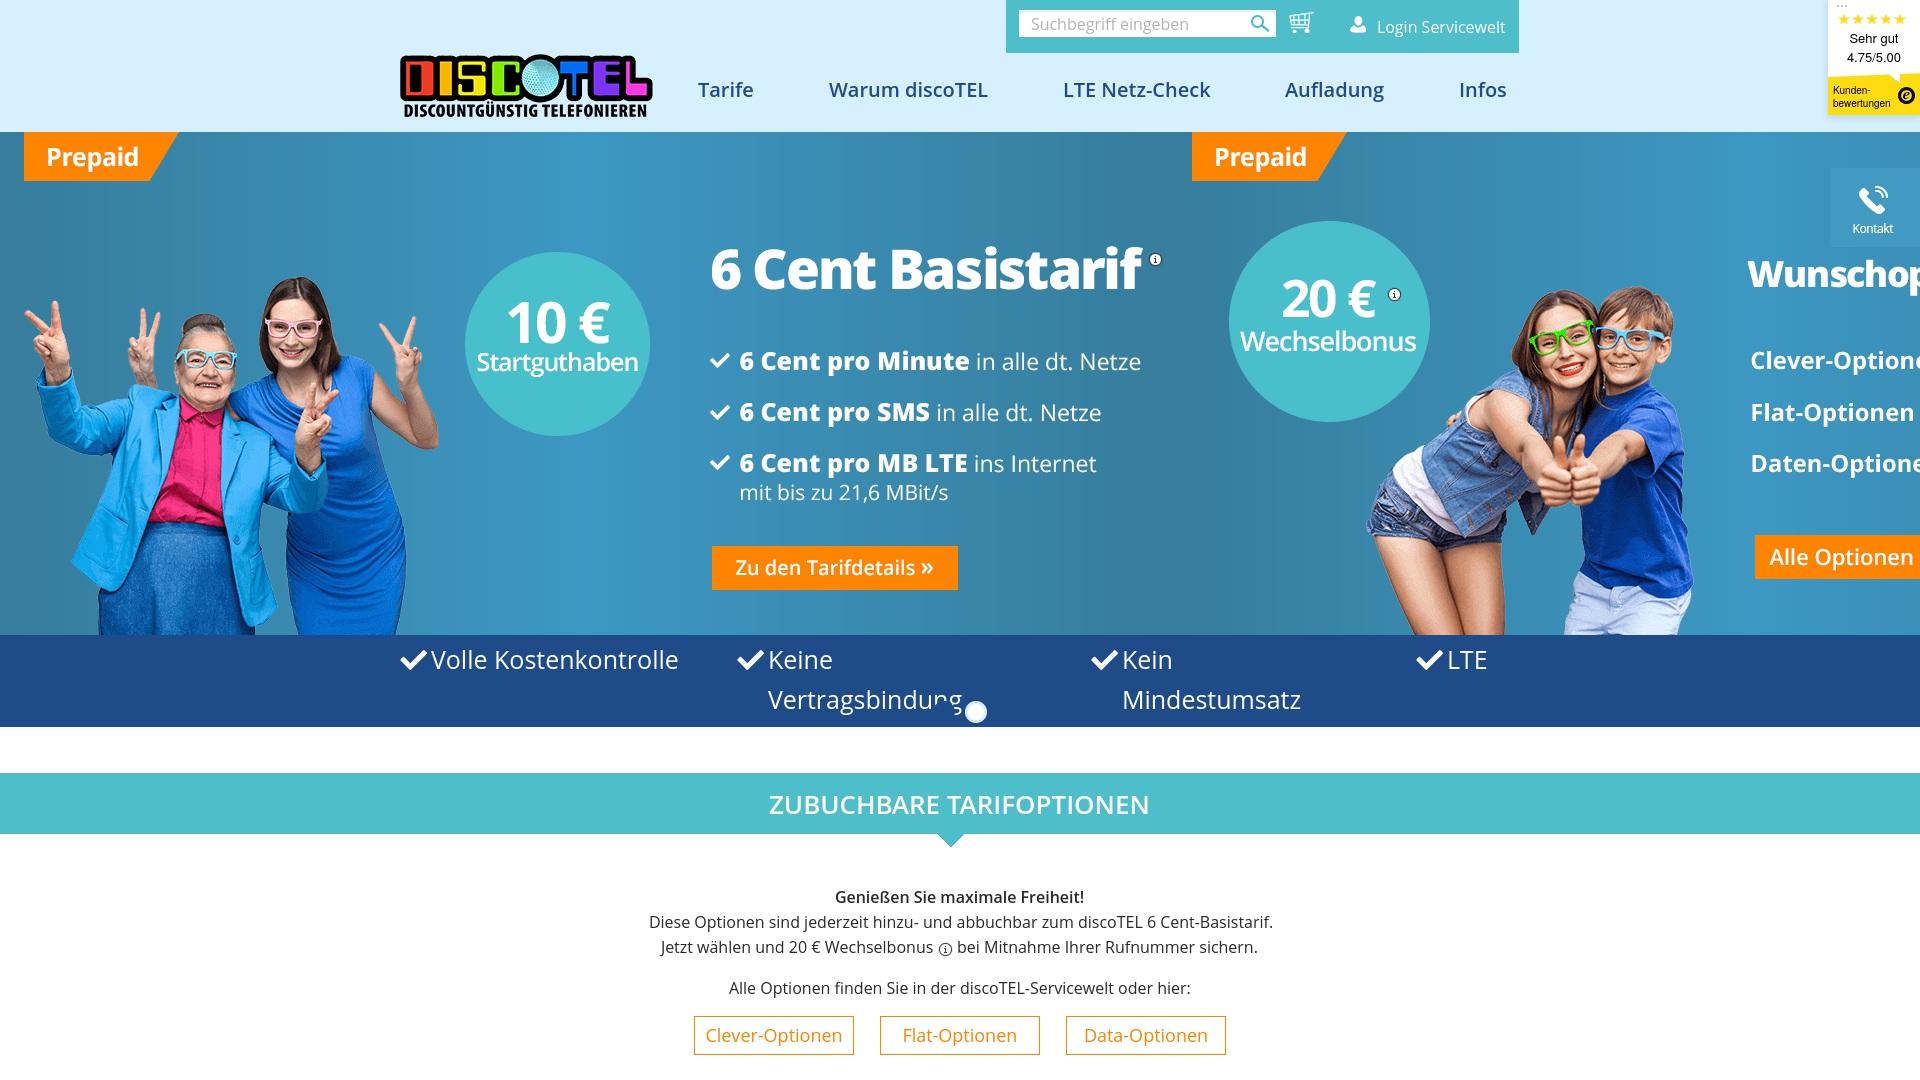 Gutschein für Discotel: Rabatte für  Discotel sichern